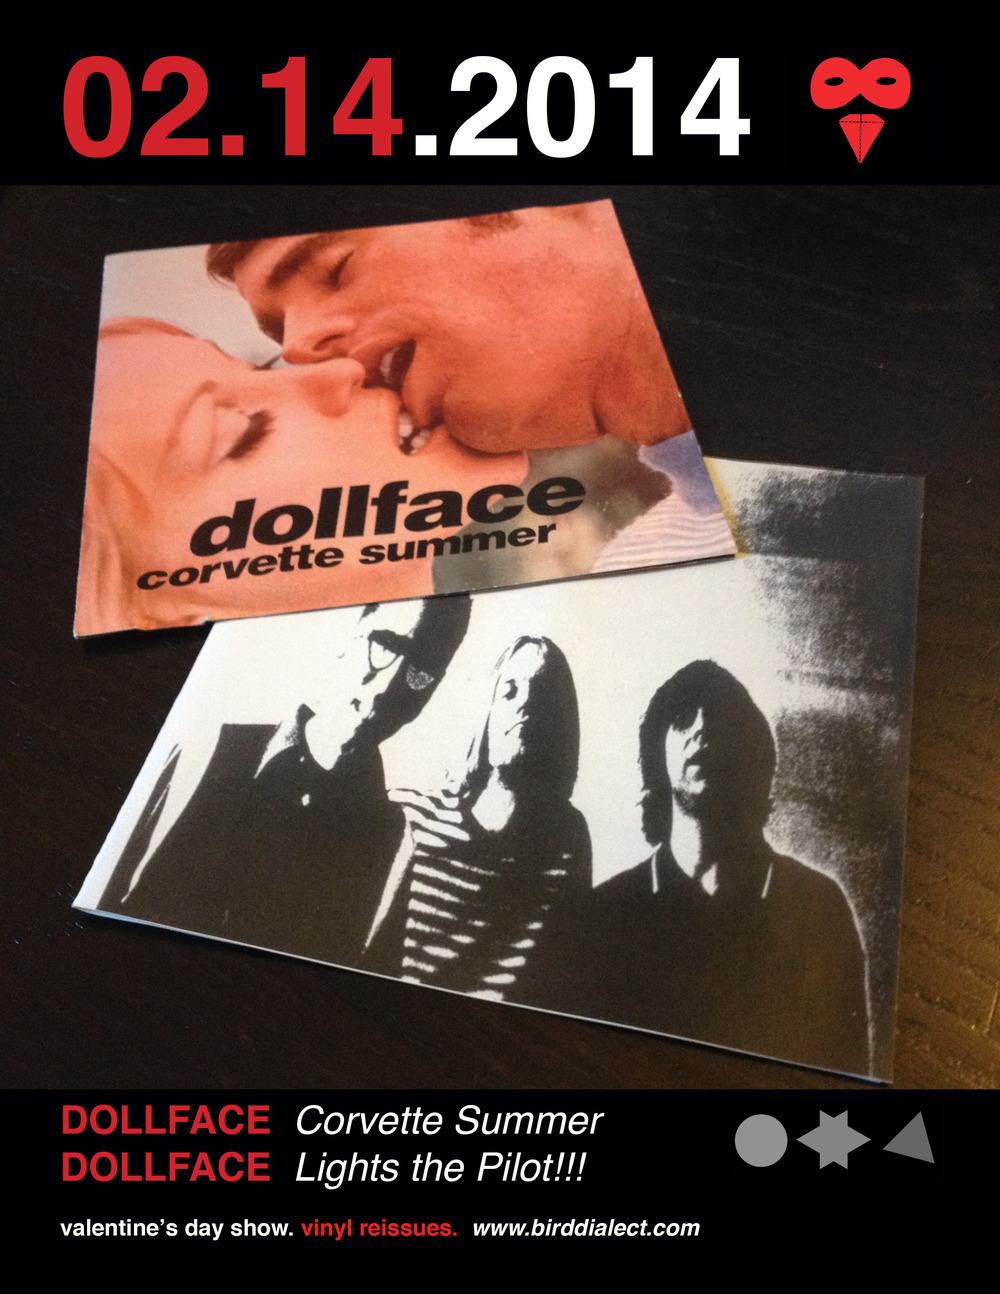 Dollface announce.jpg